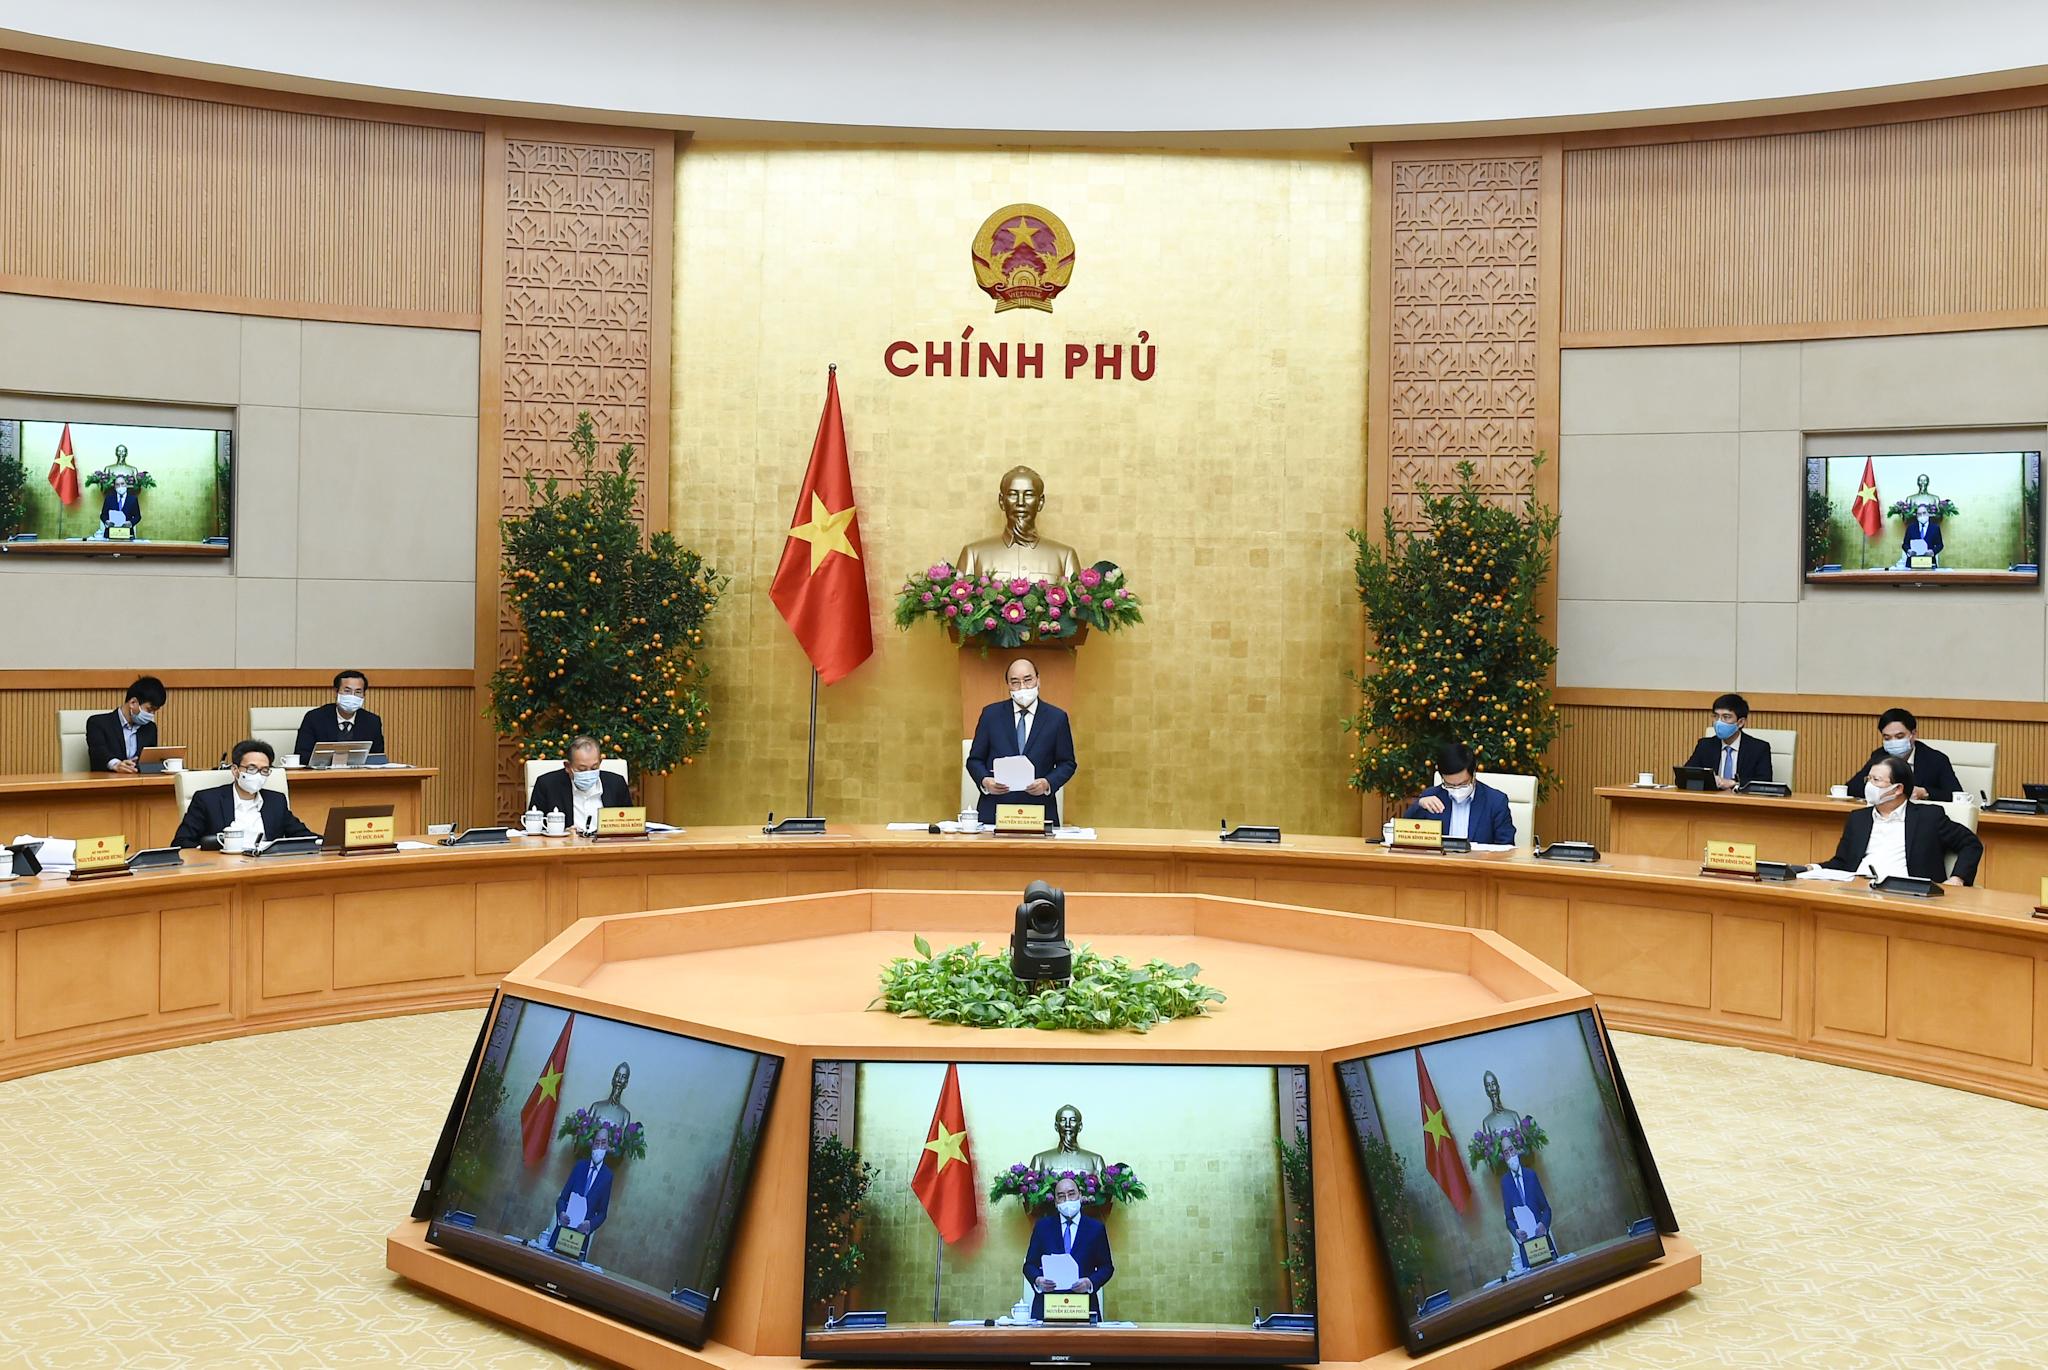 Thủ tướng Nguyễn Xuân Phúc chủ trì cuộc họp Thường trực Chính phủ bàn về tình hình Tết, triển khai các nhiệm vụ trọng tâm sau Tết và công tác phòng chống dịch COVID-19